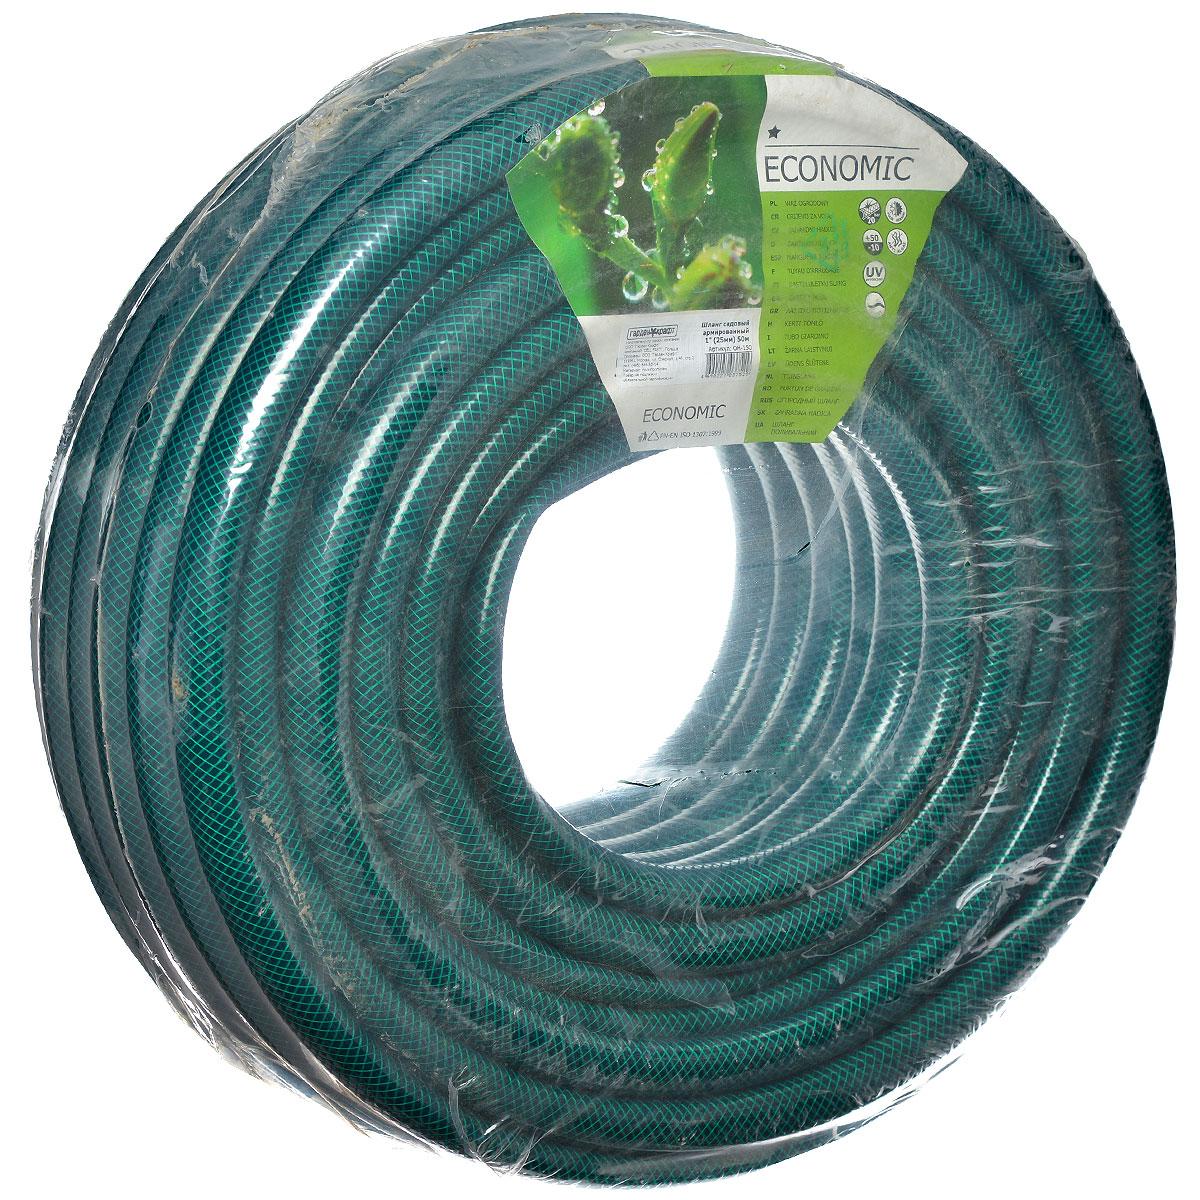 Шланг садовый Cellfast Economic, трехслойный, 1, 50 м45-4Трехслойный садовый шланг Cellfast Economic, изготовленный из полипропилена, применяется для поливочных работ на приусадебном участке. Имеет сетчатое армирование полиамидной нитью, за счет чего является прочным и гибким. Устойчив к воздействиям окружающей среды и образованию водорослей на внутреннем слое. Отсутствие в составе токсичных веществ обеспечивает безопасность для окружающей среды и человека. Имеет длительный срок эксплуатации, не обесцвечивается и не теряет форму со временем. Температура использования шланга -10°C до +50°C.